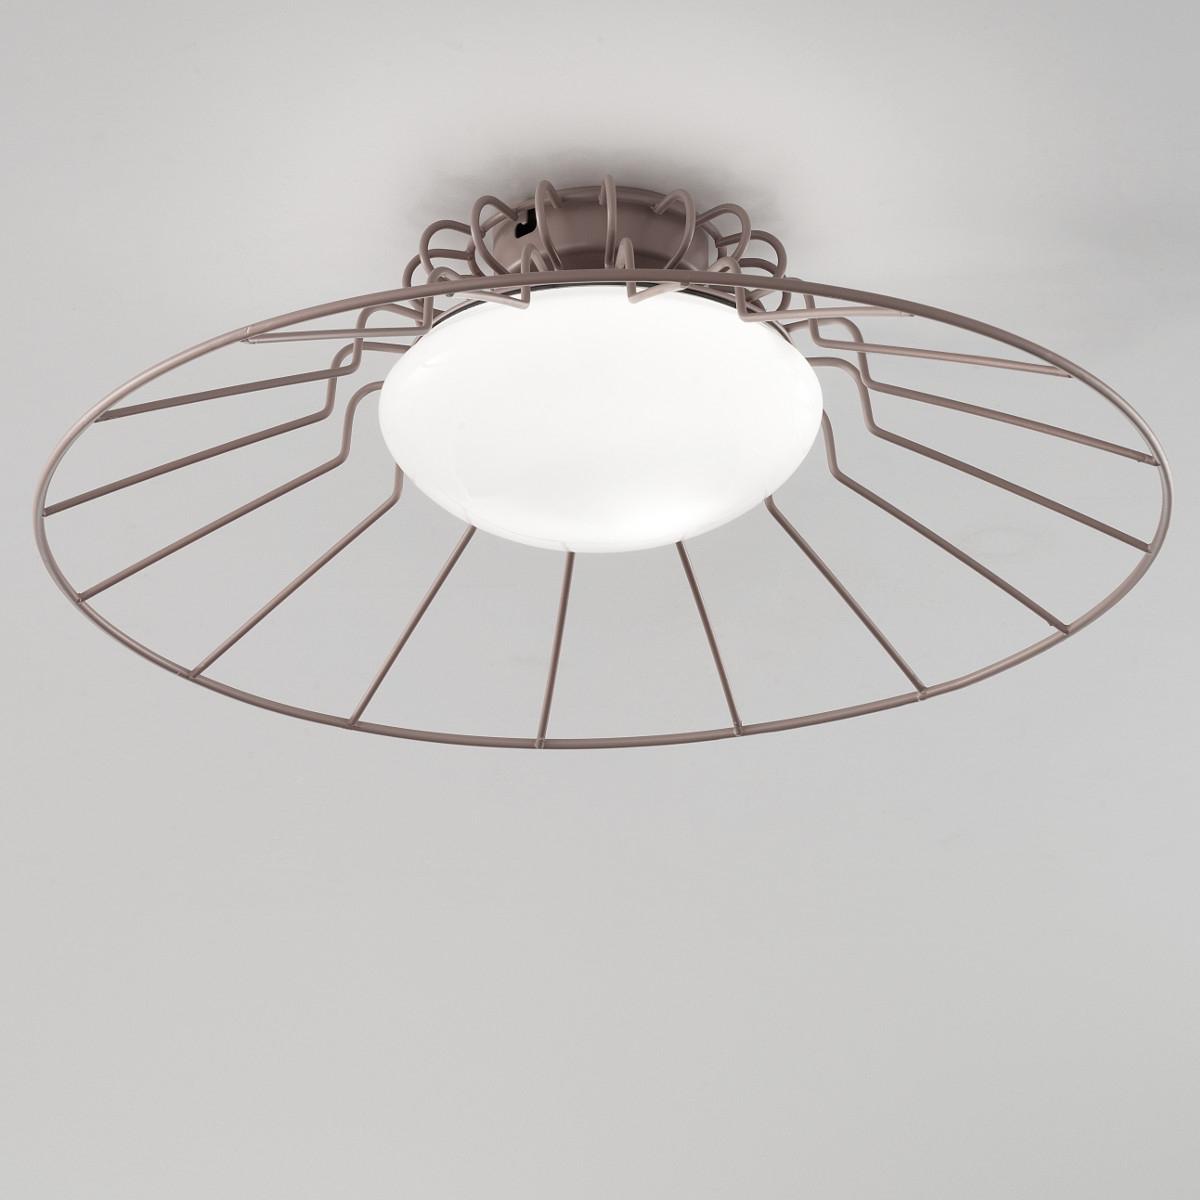 Moderne design leuchte im 50er jahre look farbiger gitterschirm mit glasdiffusor - Moderne bder mit dachschrge ...